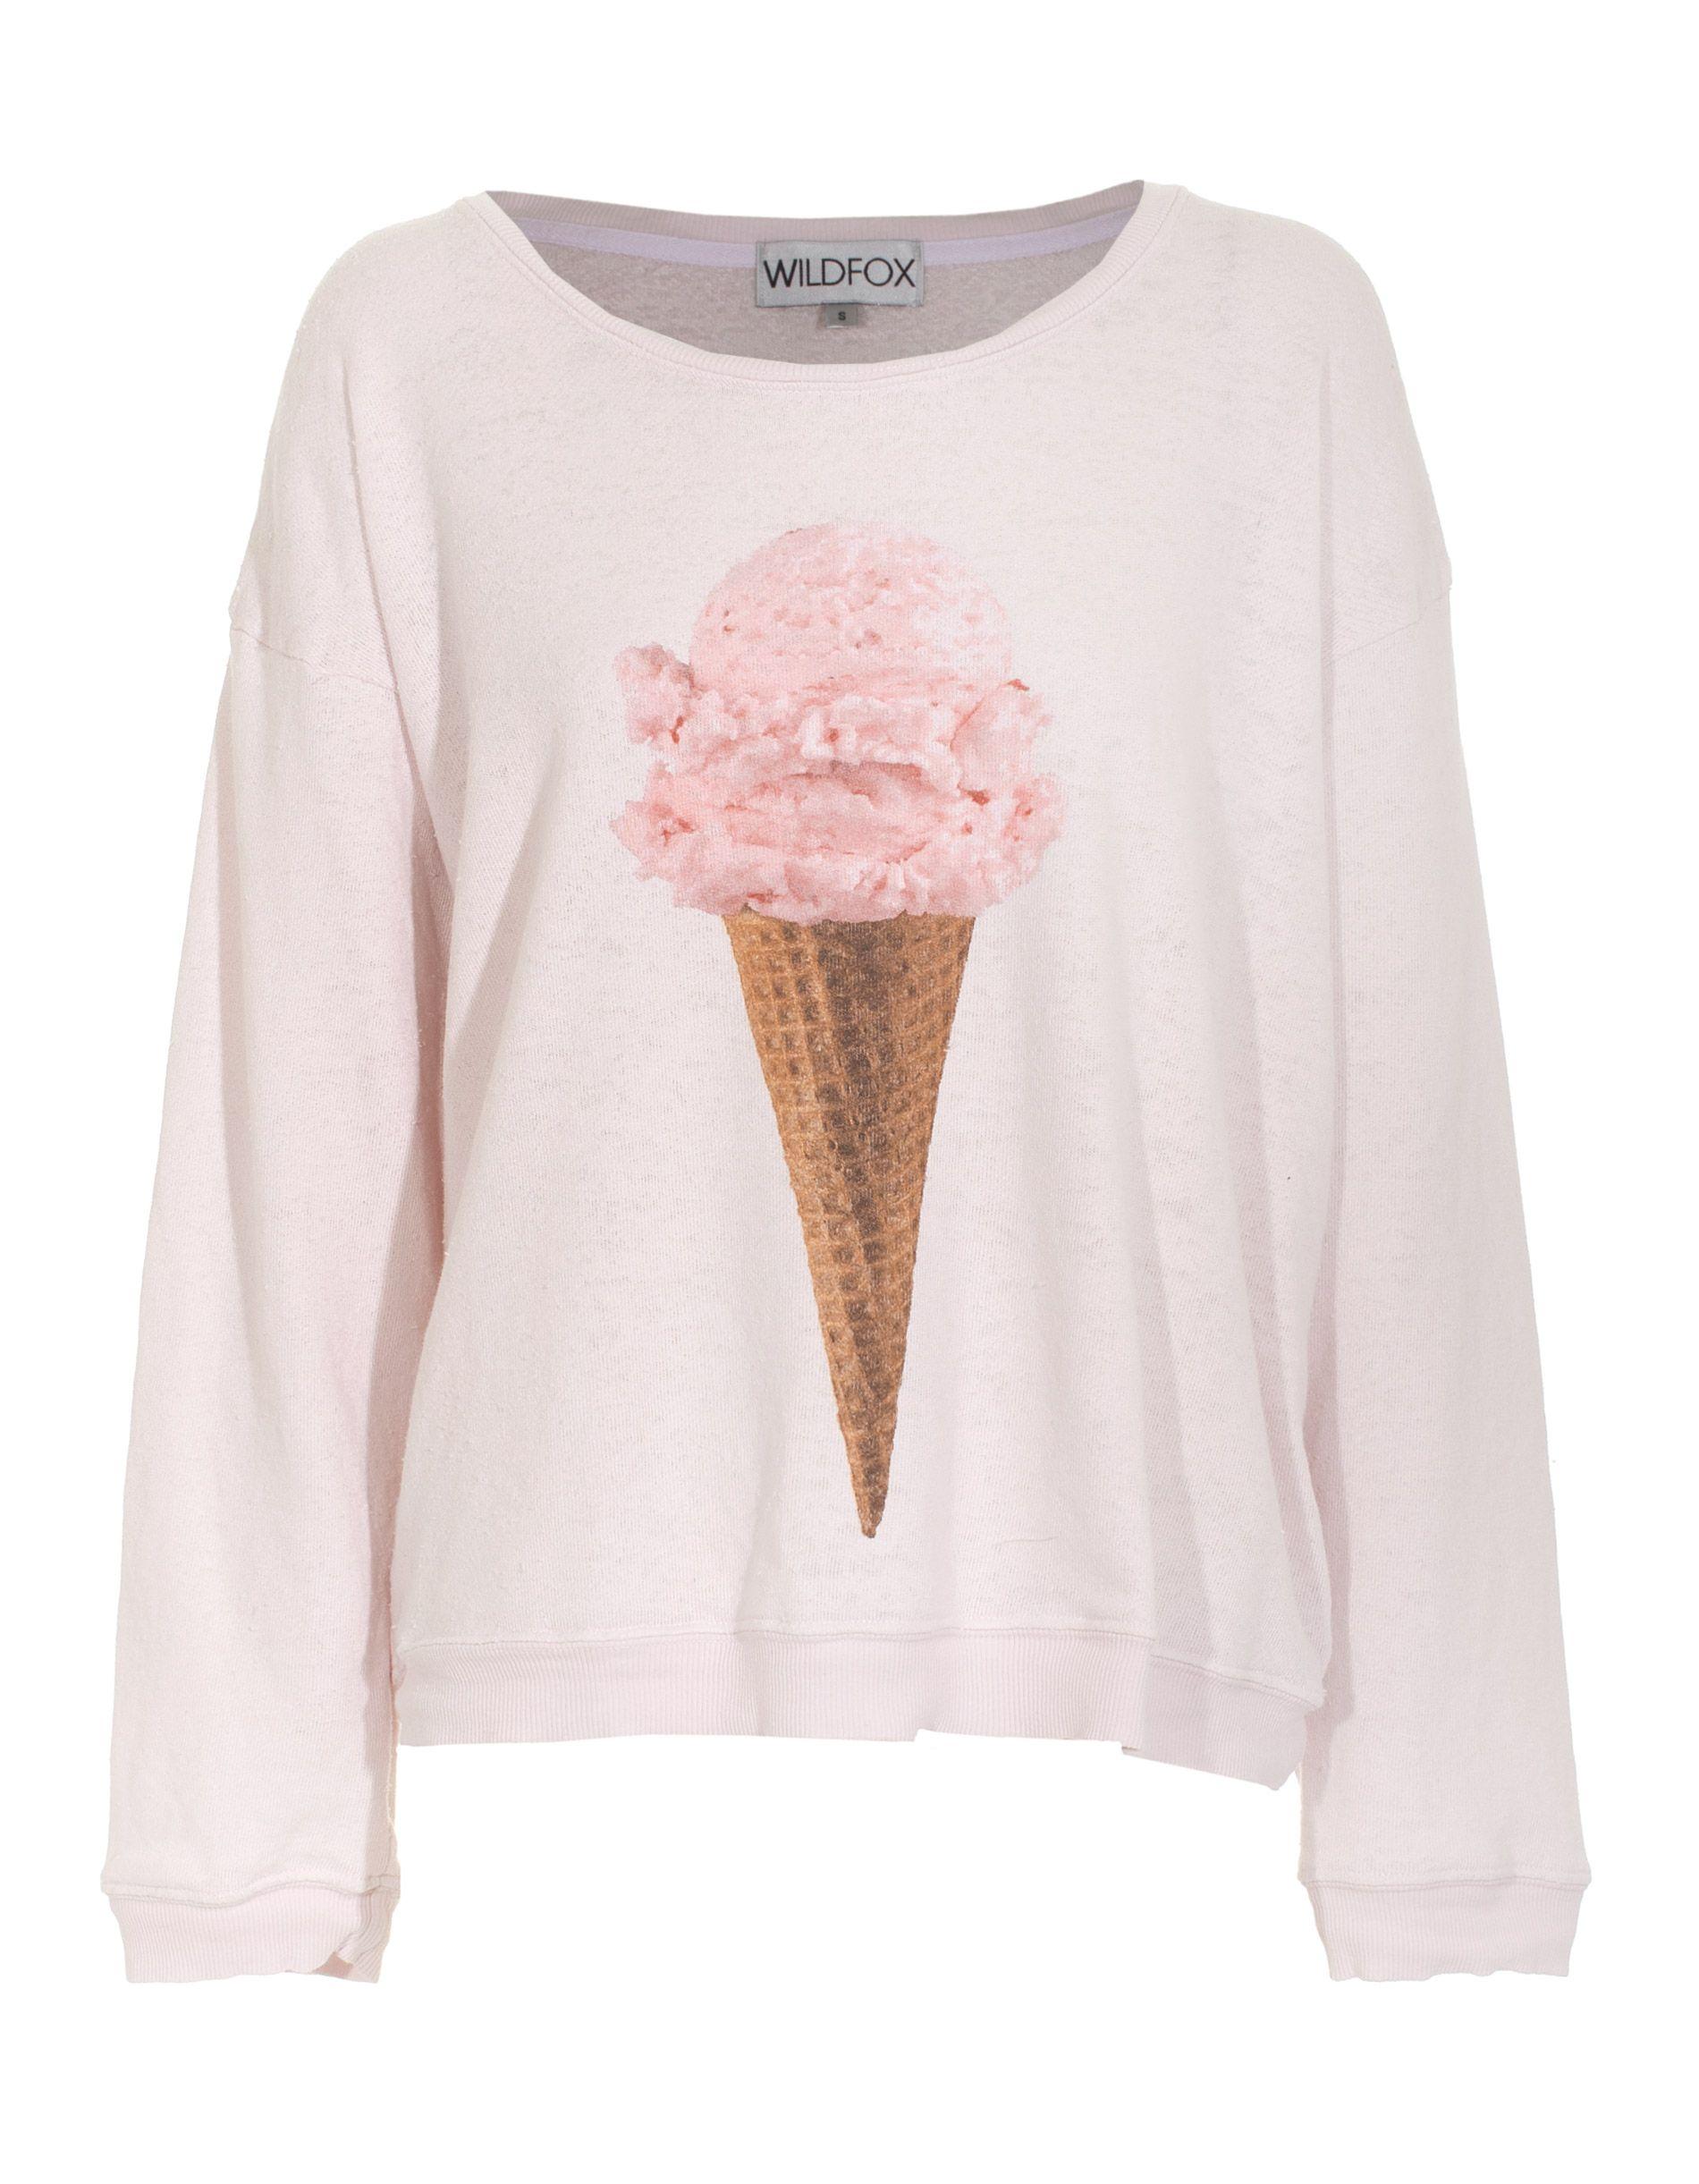 d0ae7f8bb54 Wildfox ice cream sweater  kawaii I couldn t wear it